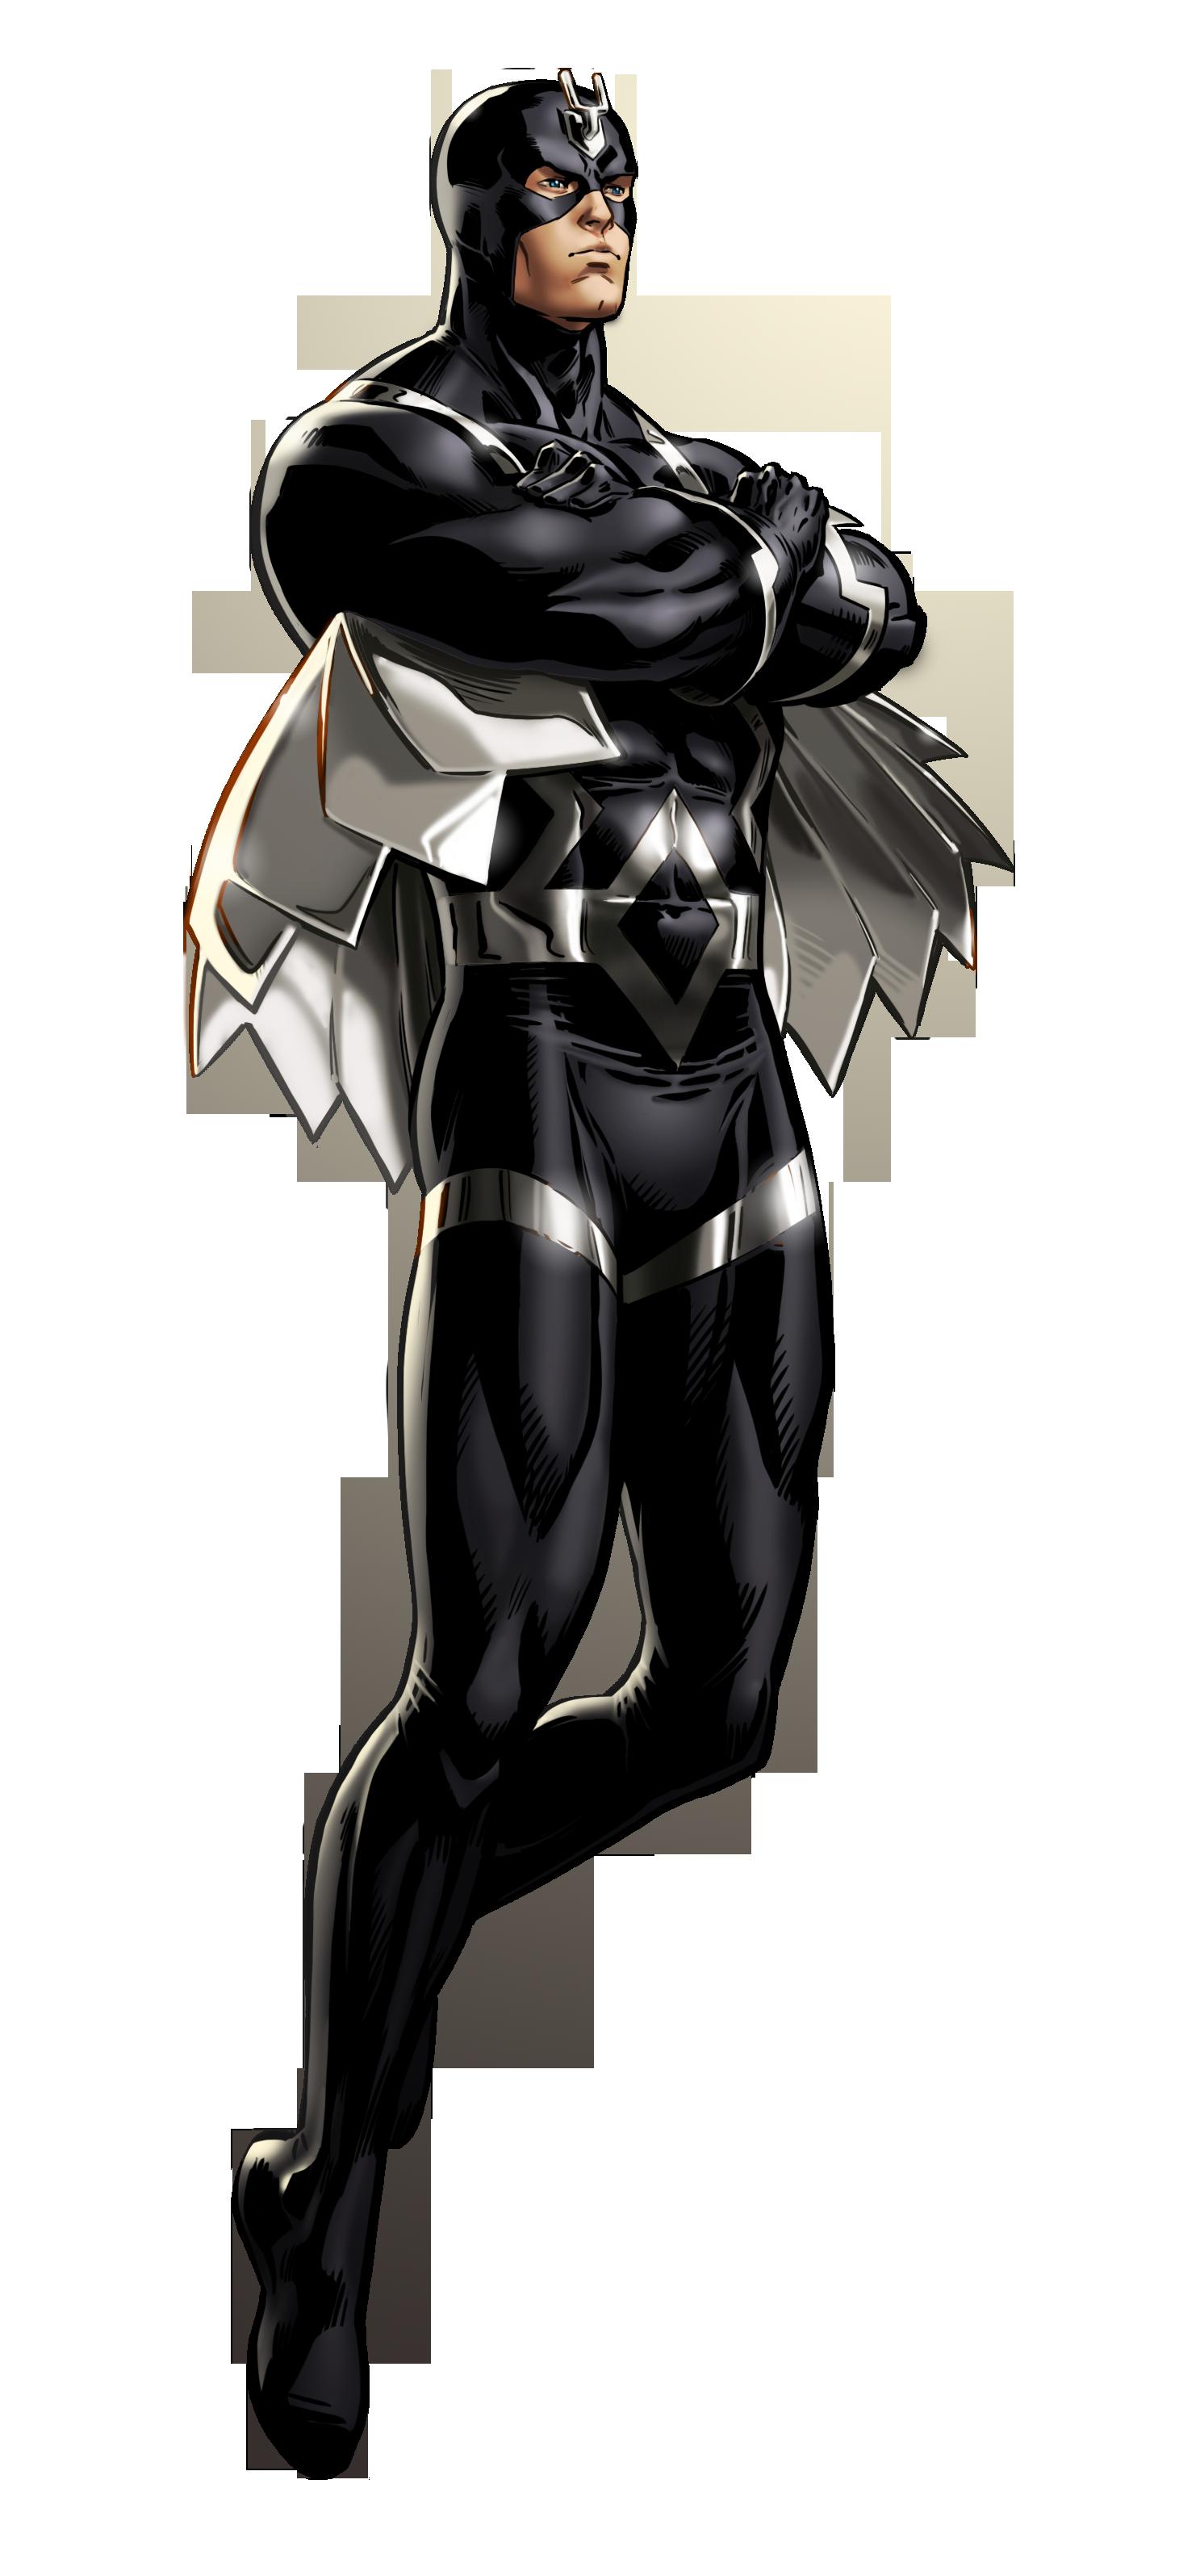 http://Conozca quien será el actor que interprete a Black Bolt en Inhumans